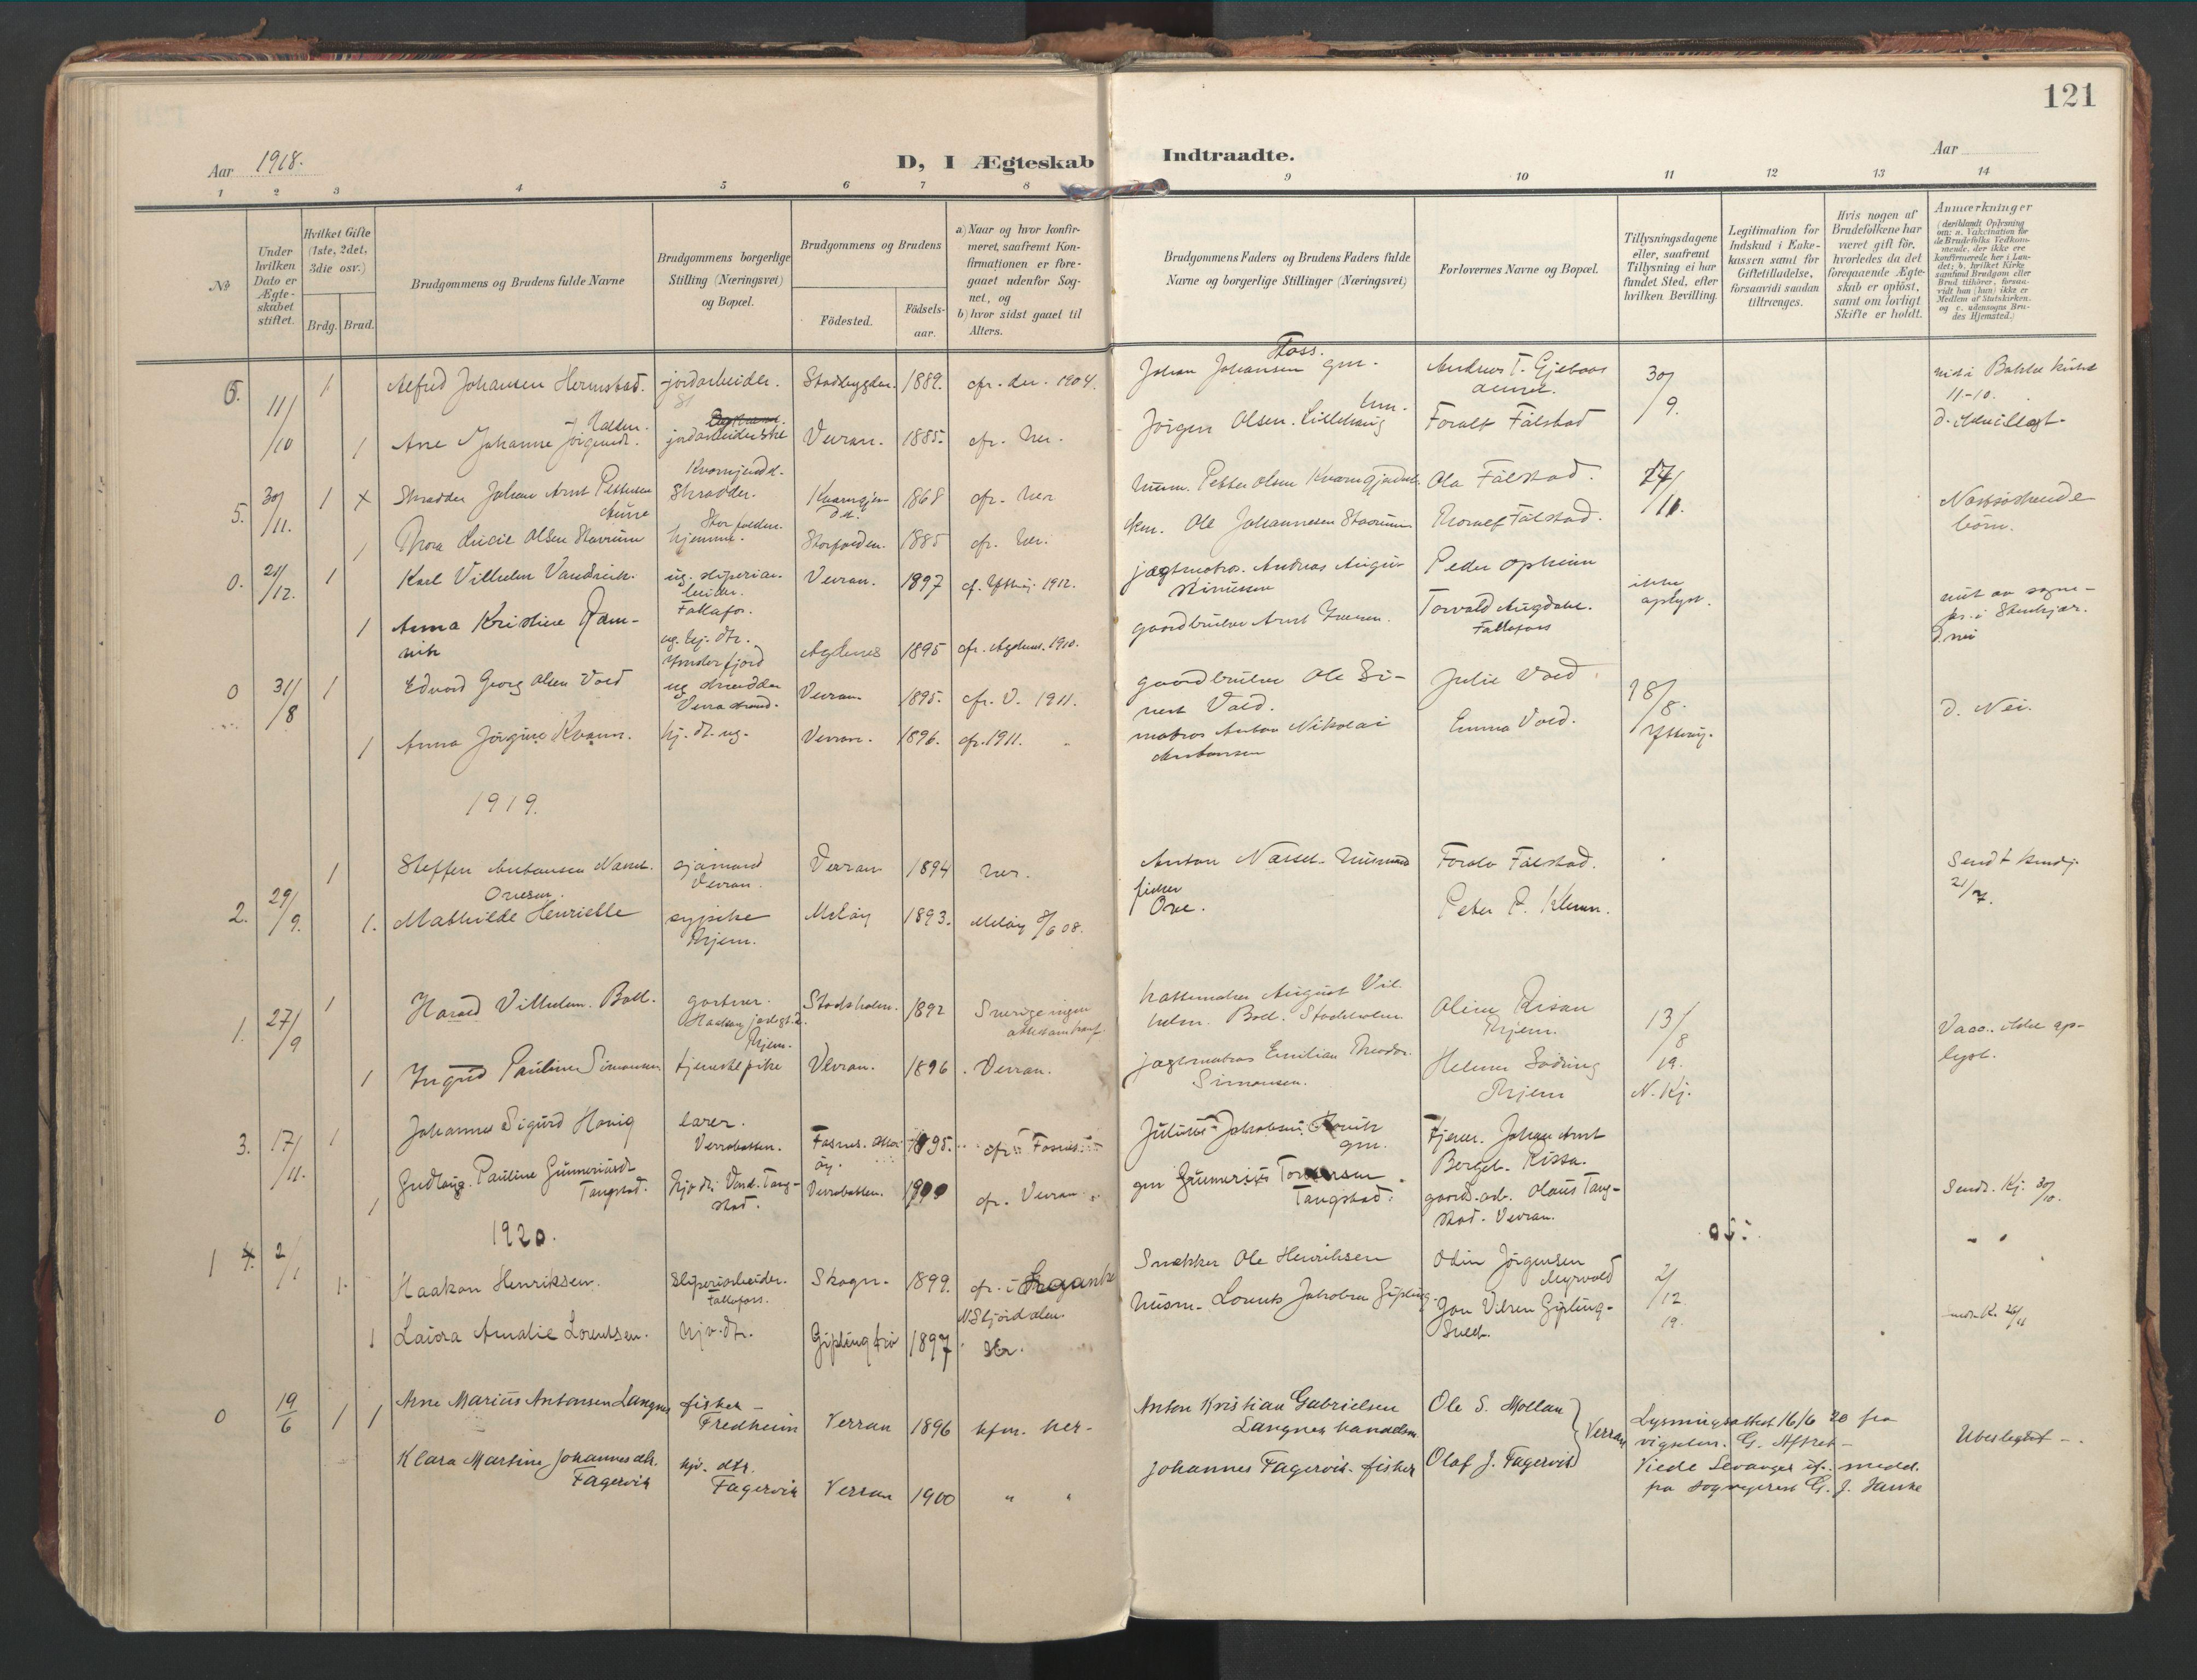 SAT, Ministerialprotokoller, klokkerbøker og fødselsregistre - Nord-Trøndelag, 744/L0421: Ministerialbok nr. 744A05, 1905-1930, s. 121